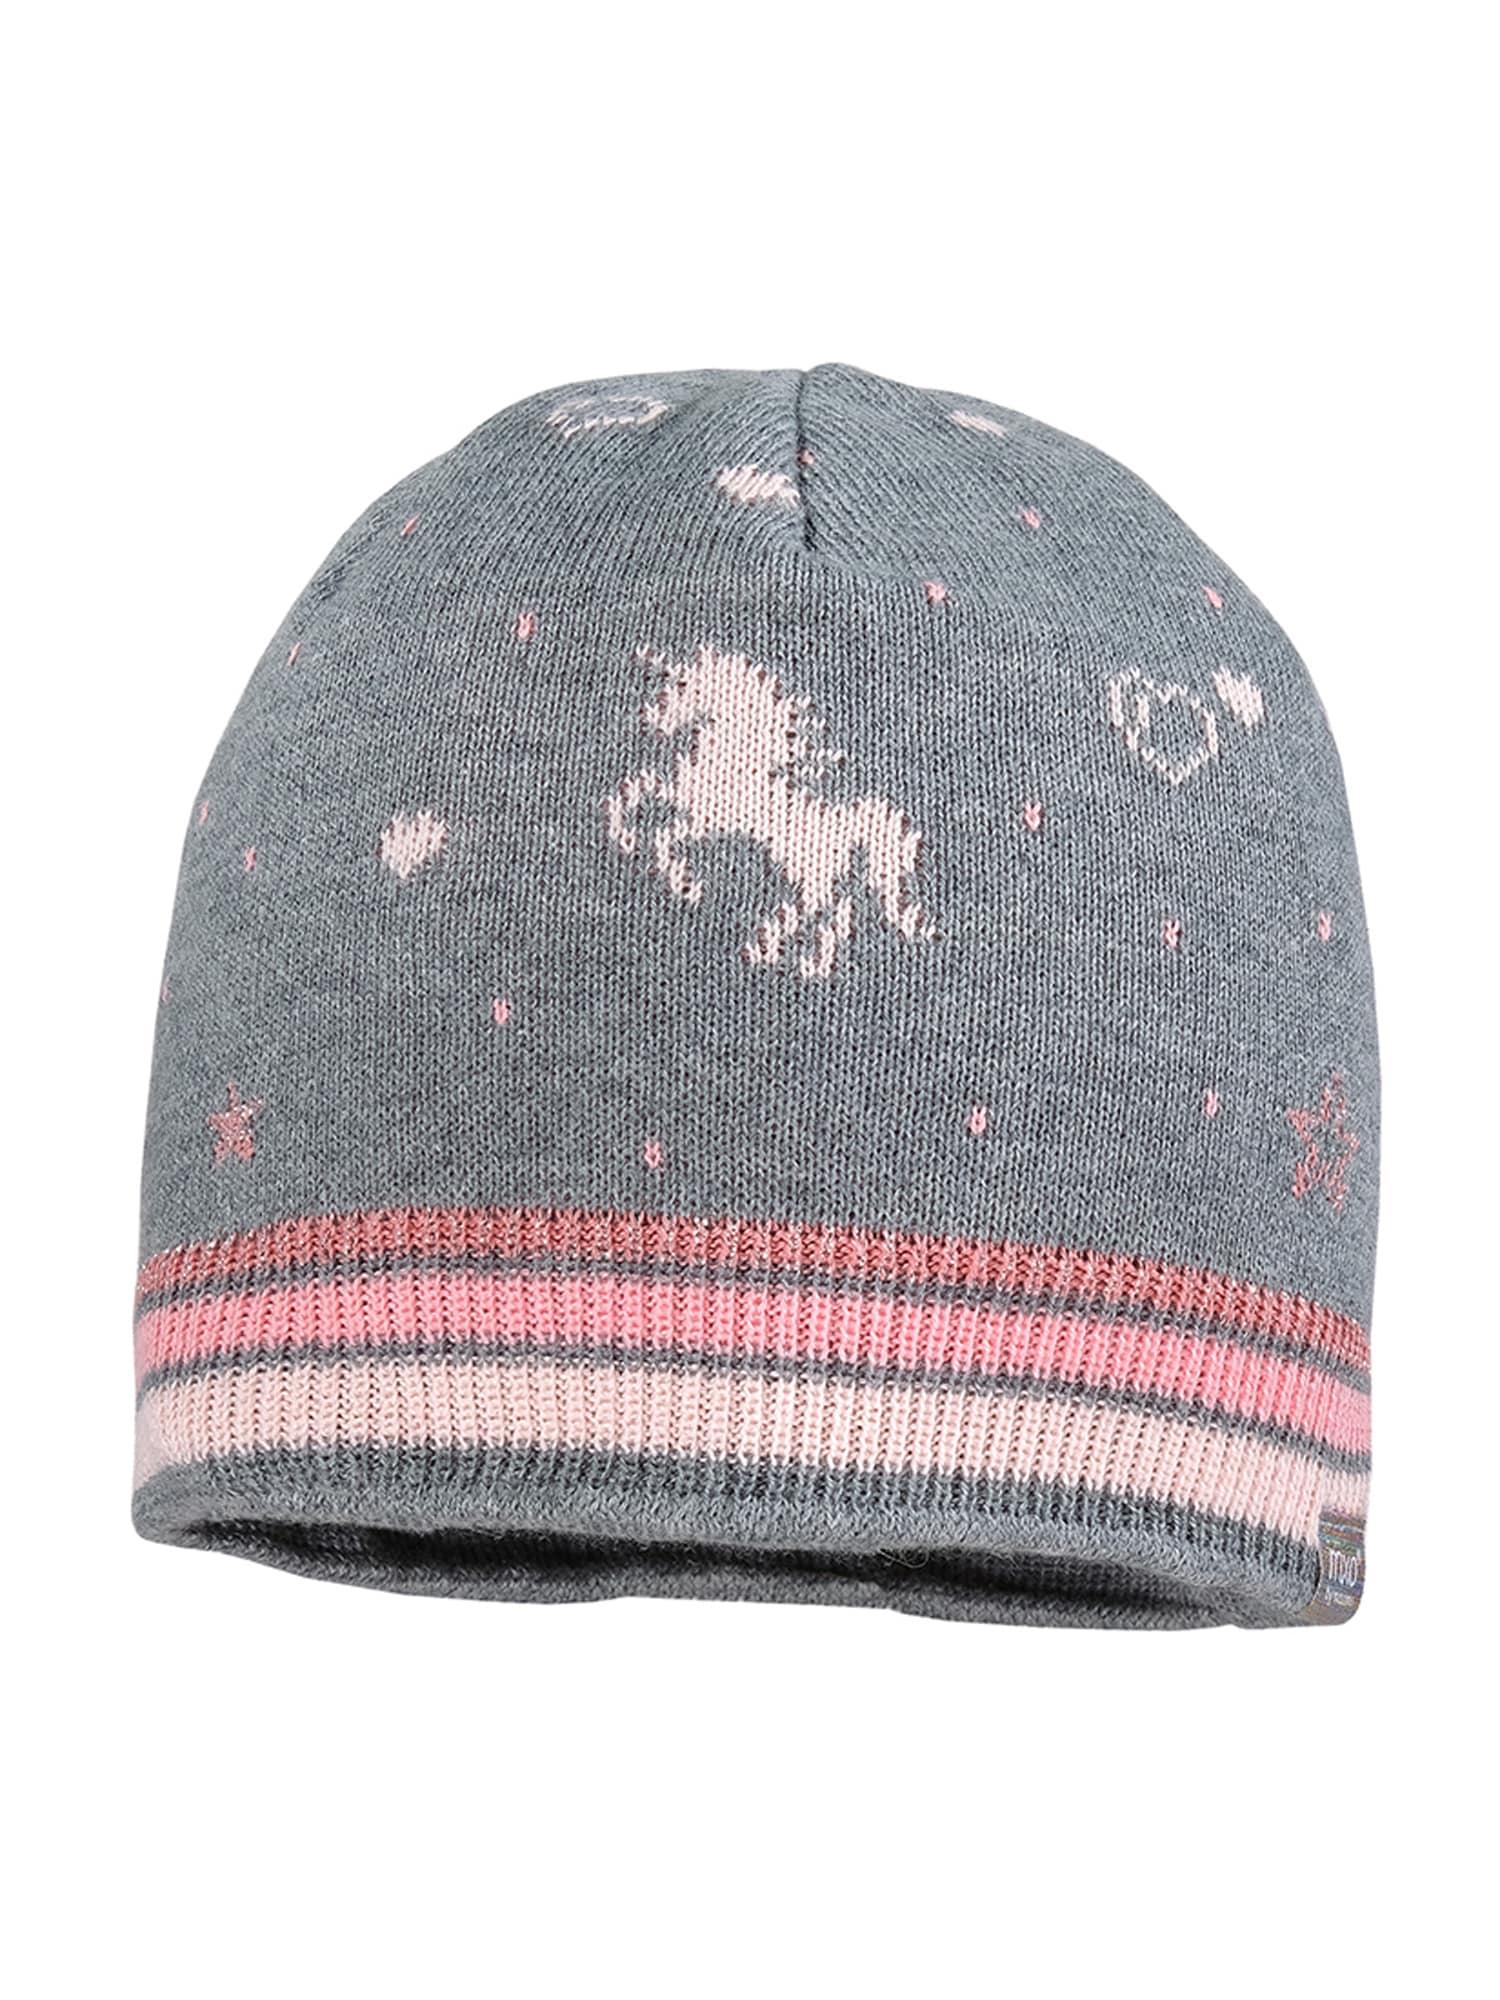 MAXIMO Megzta kepurė margai pilka / šviesiai rožinė / rožių spalva